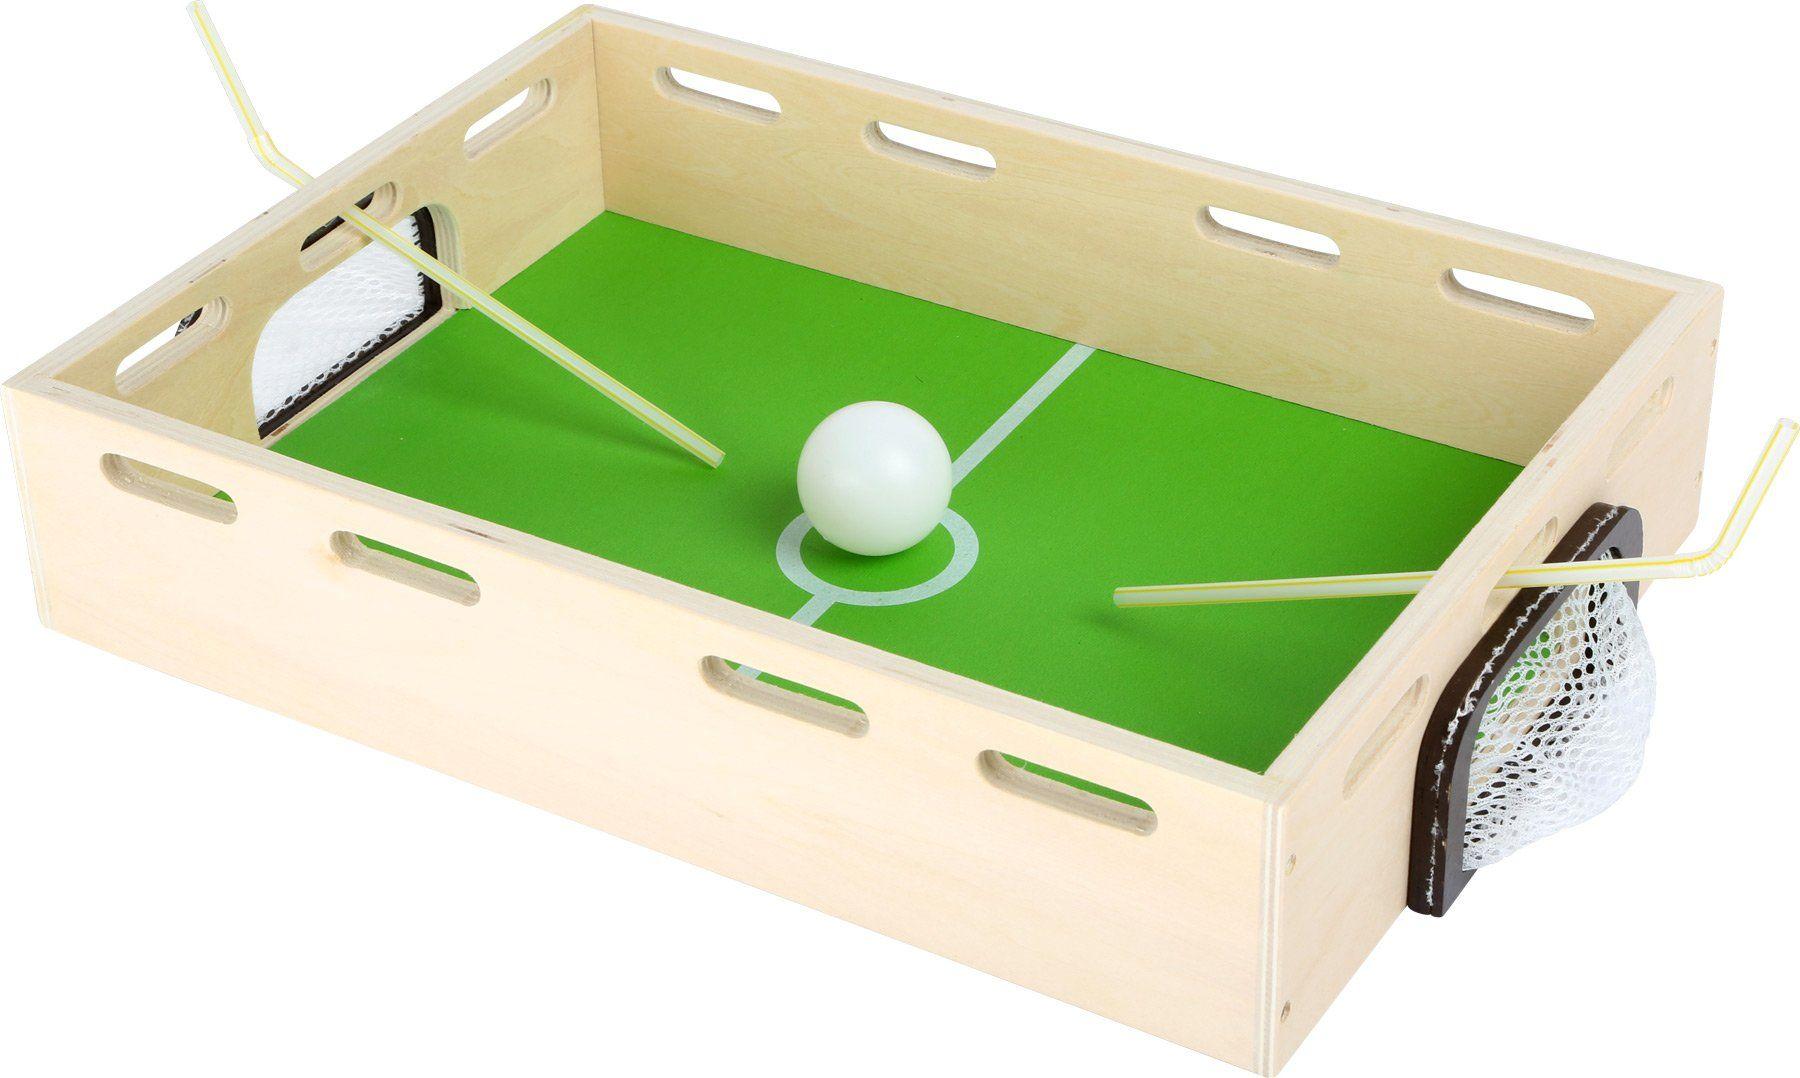 Small Foot by Legler 2019758 foot 6409 drewniane pudełko z dmuchawcem, gra zręcznościowa i wytrzymałościowa, dla dużych i małych, od 3 lat